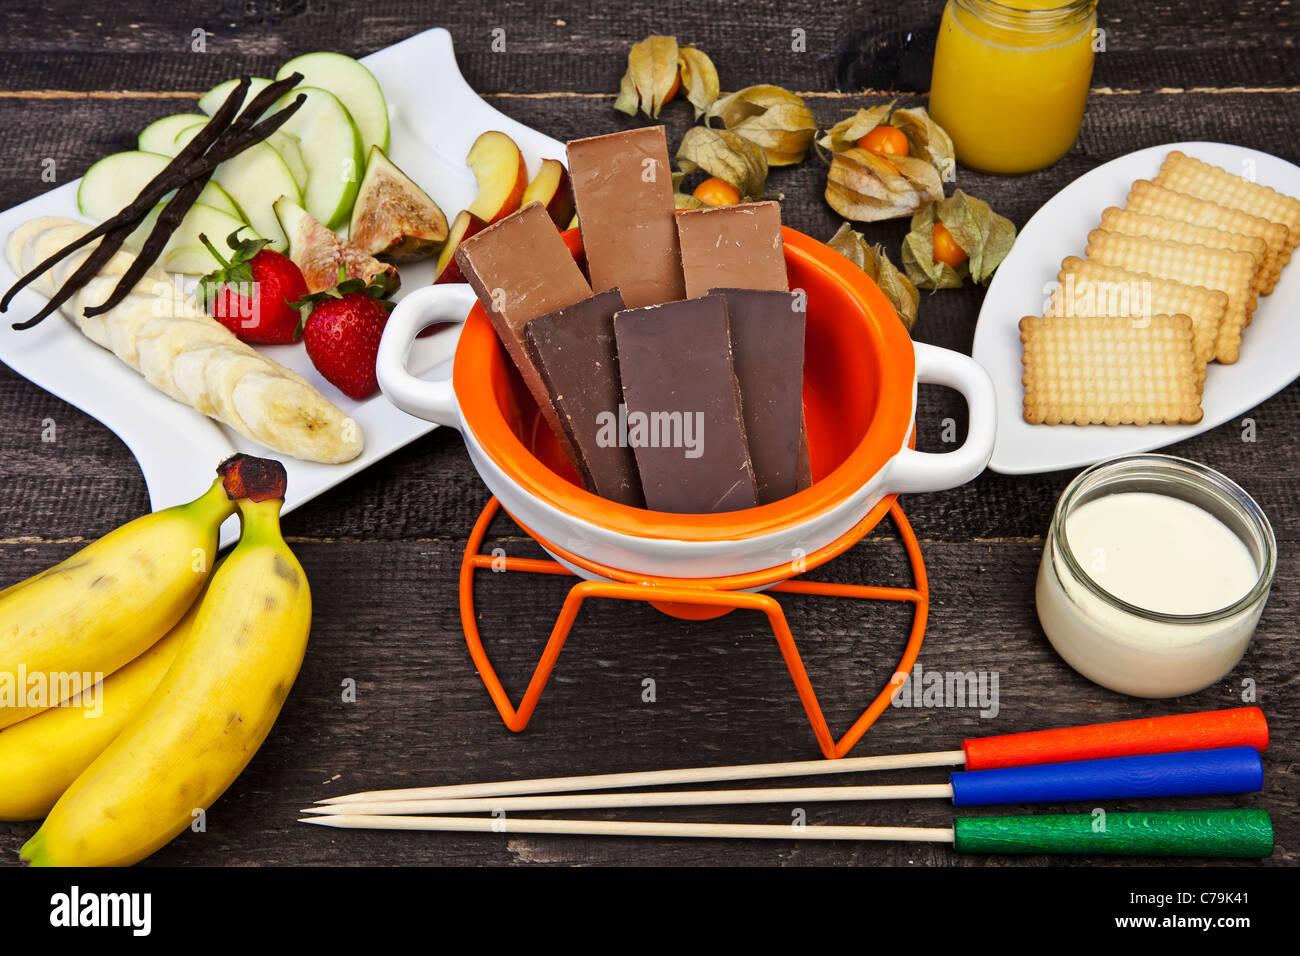 frische Zutaten für ein typisches Schweizer Schokoladen-Fondue mit Obst und Gebäck Stockbild